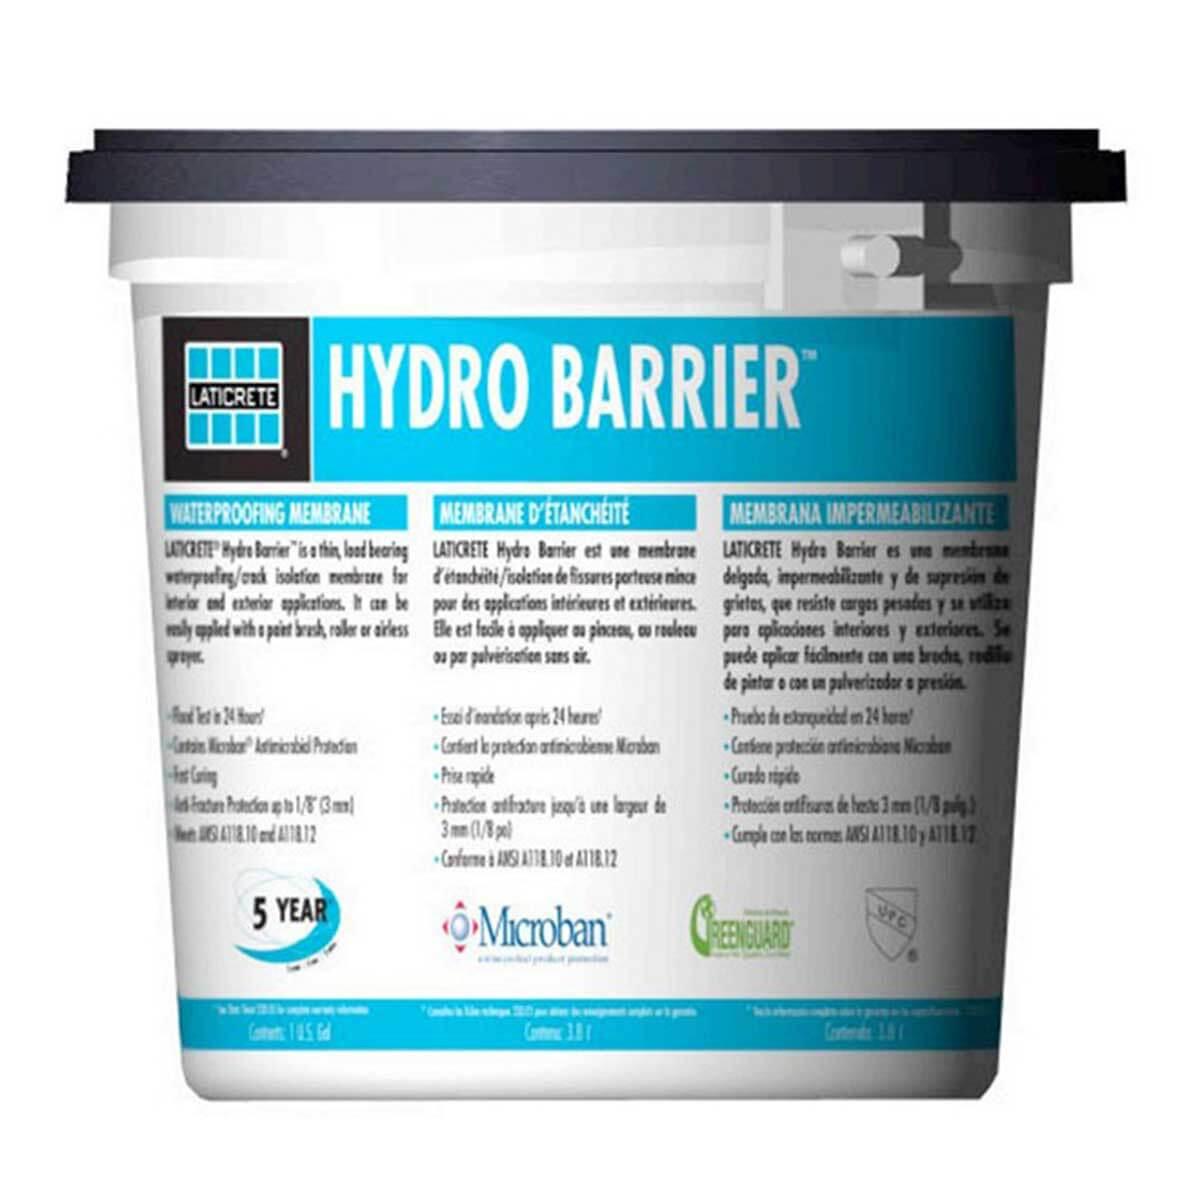 Laticrete Hydro Barrier gallon